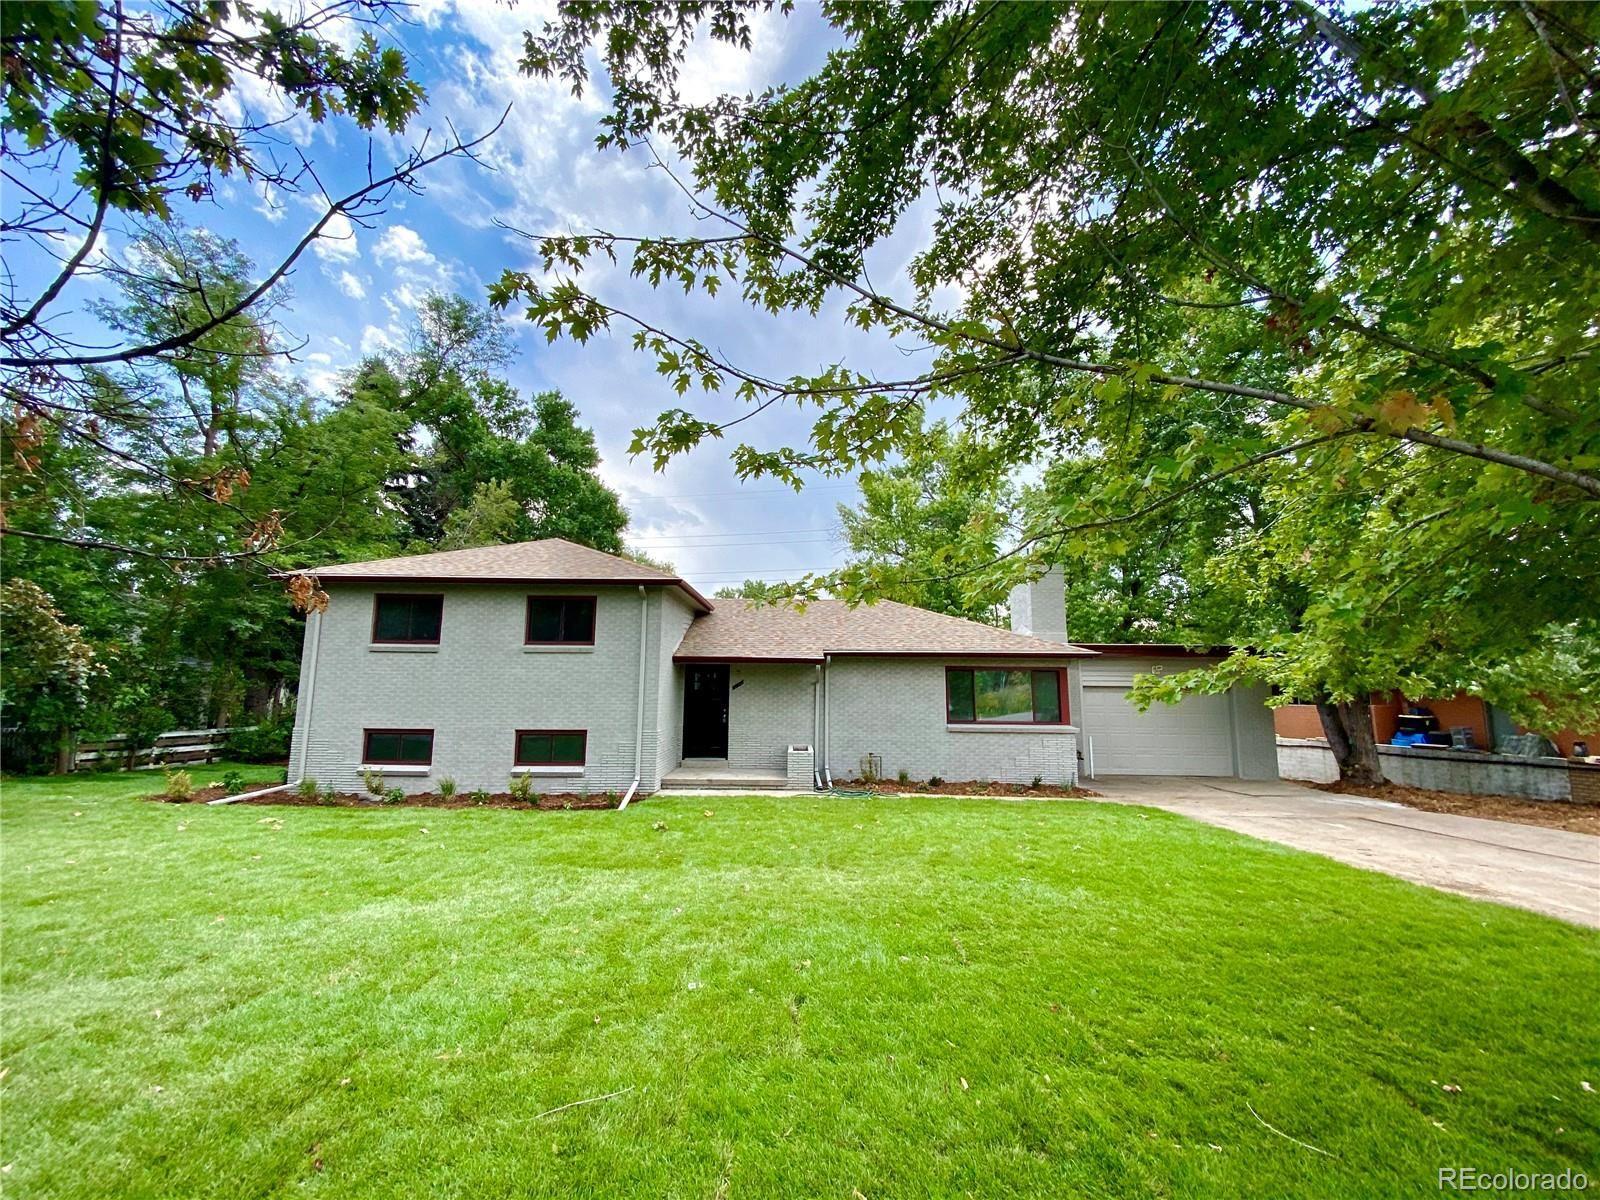 9240 Lombardy Lane, Lakewood, CO 80215 - #: 4622262